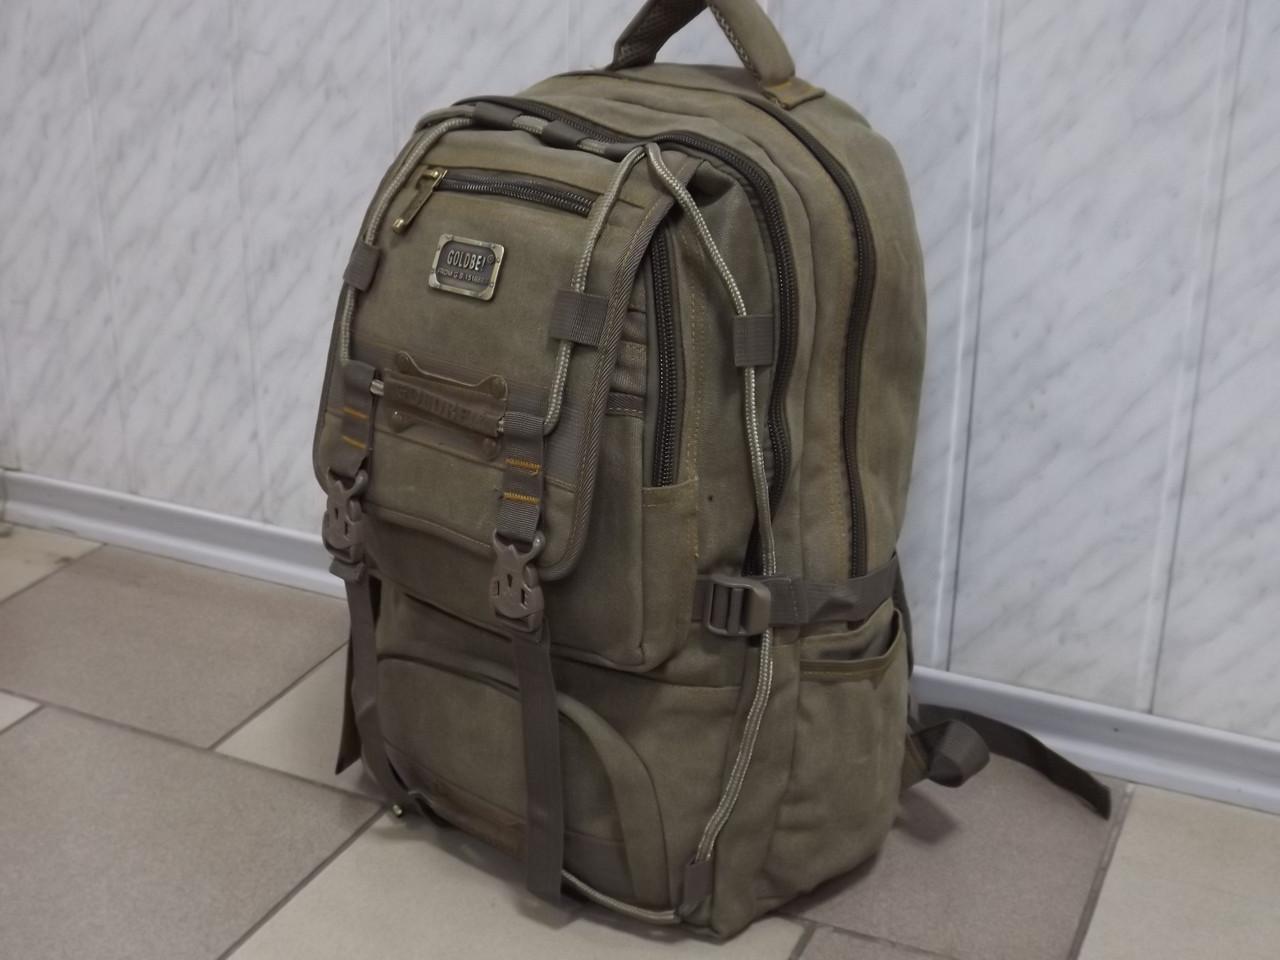 Рюкзак для рыбалки большой купить куплю рюкзак babybjorn